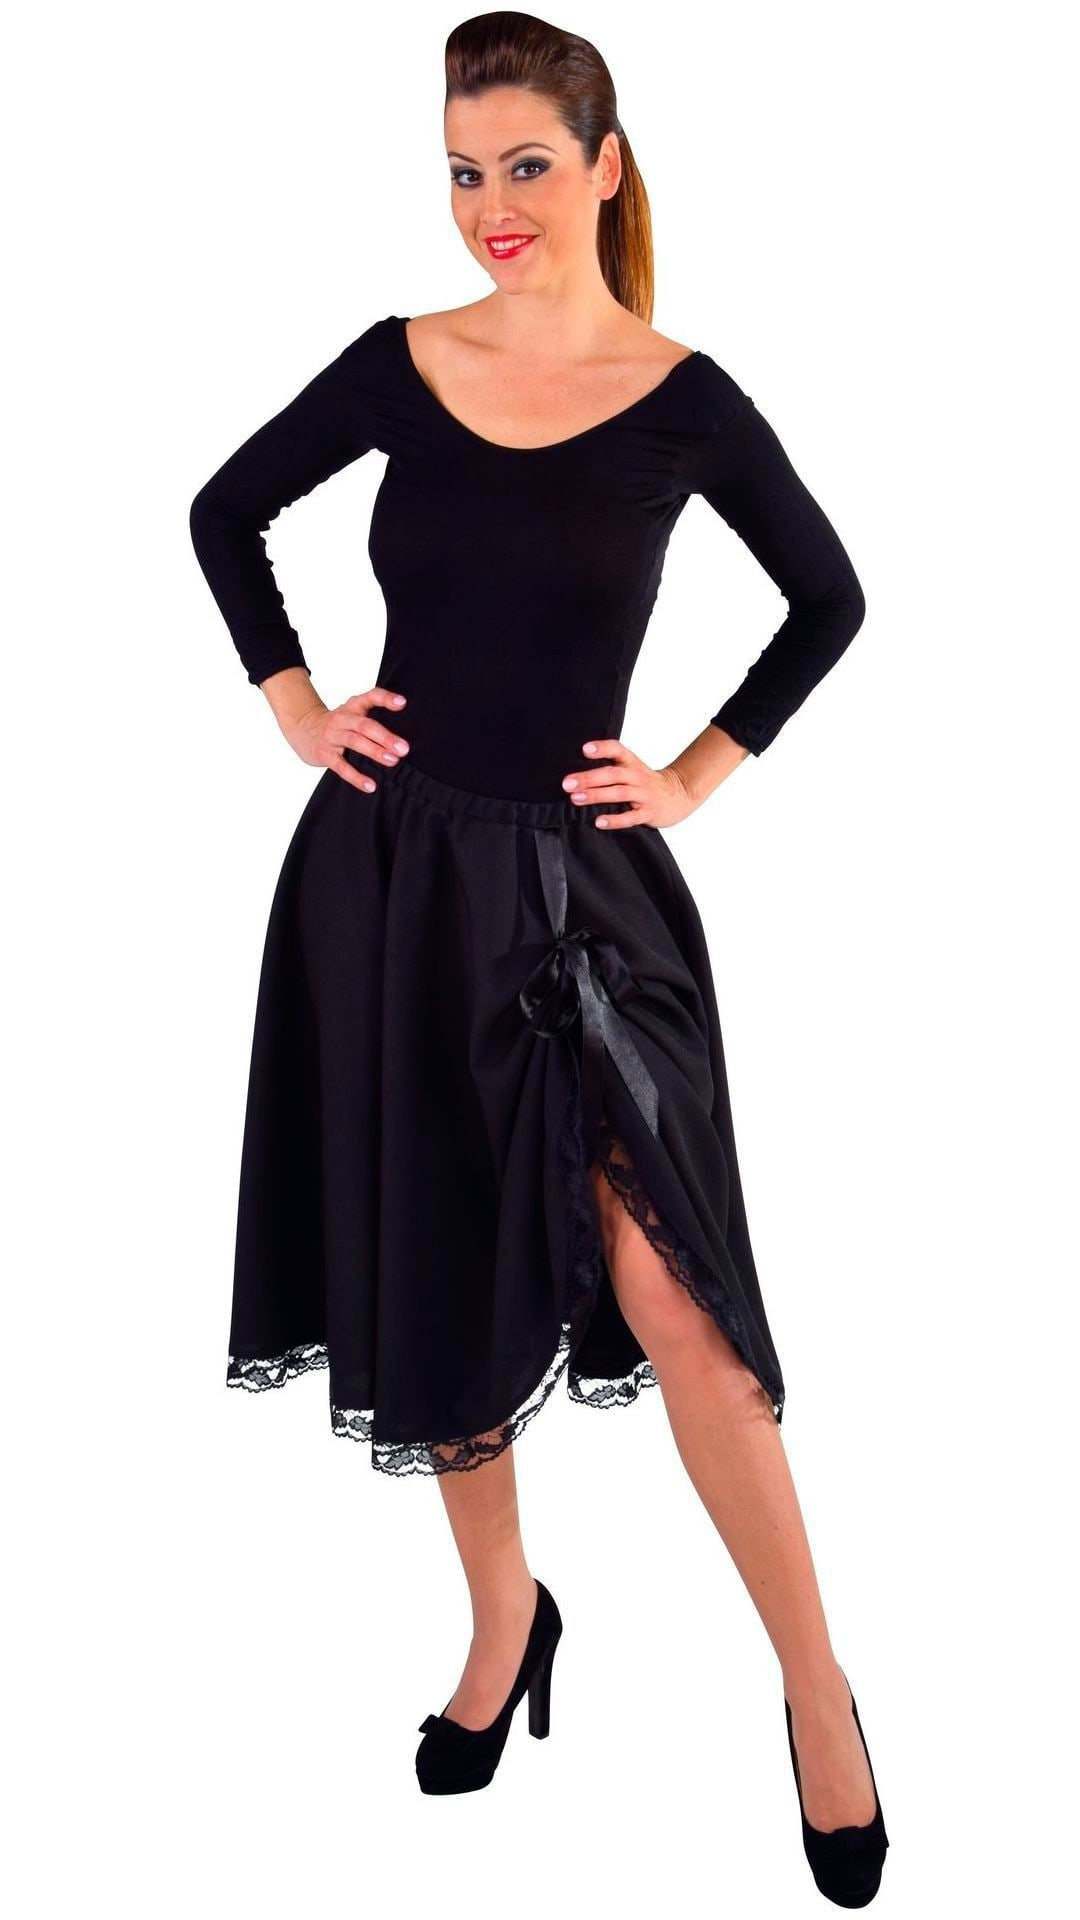 Zwarte rok met kant dames